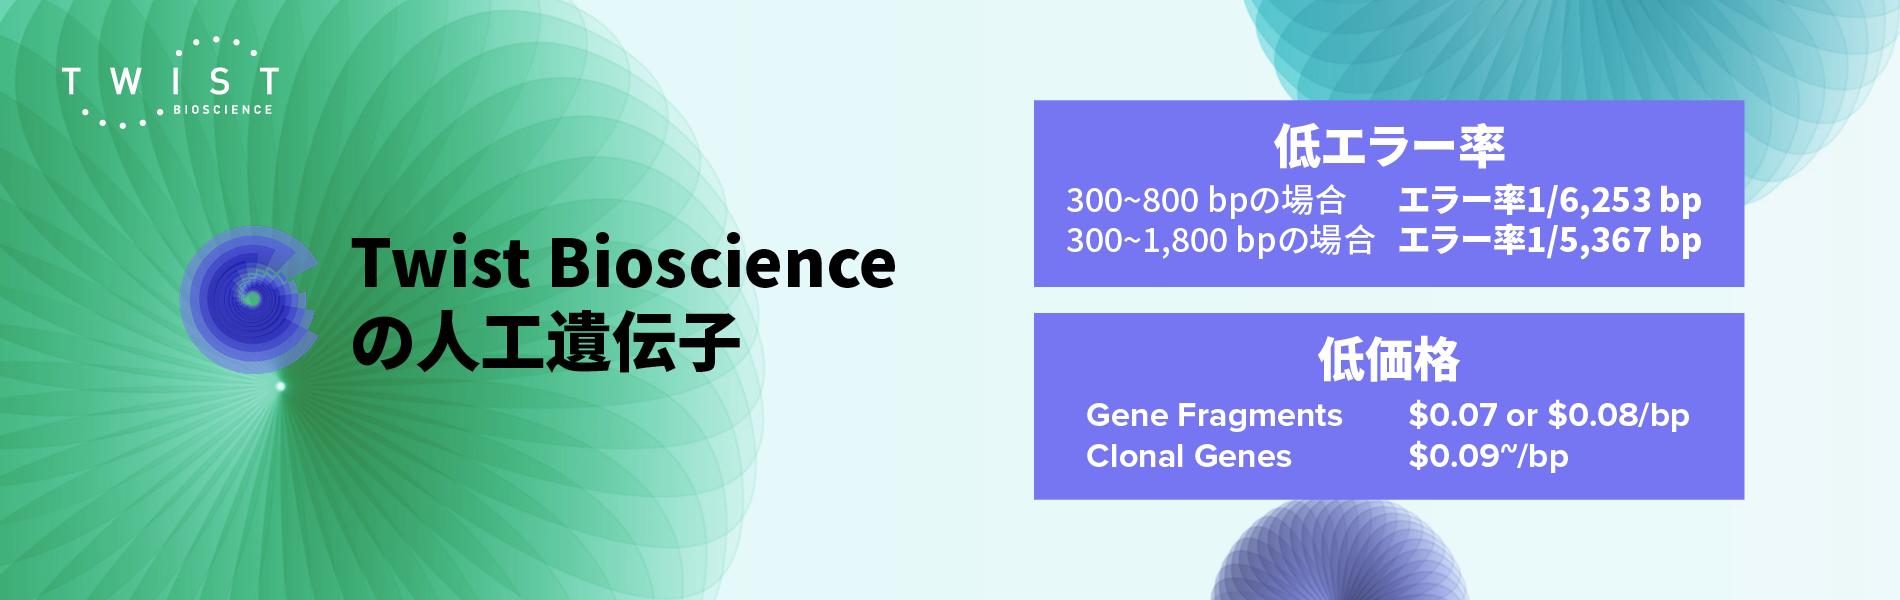 人工遺伝子、遺伝子断片、受託合成、アダプター、クローニング、グリセロールストック、エンドトキシンフリー、トランスフェクション、低いエラー率、SARS-CoV-2関連抗体